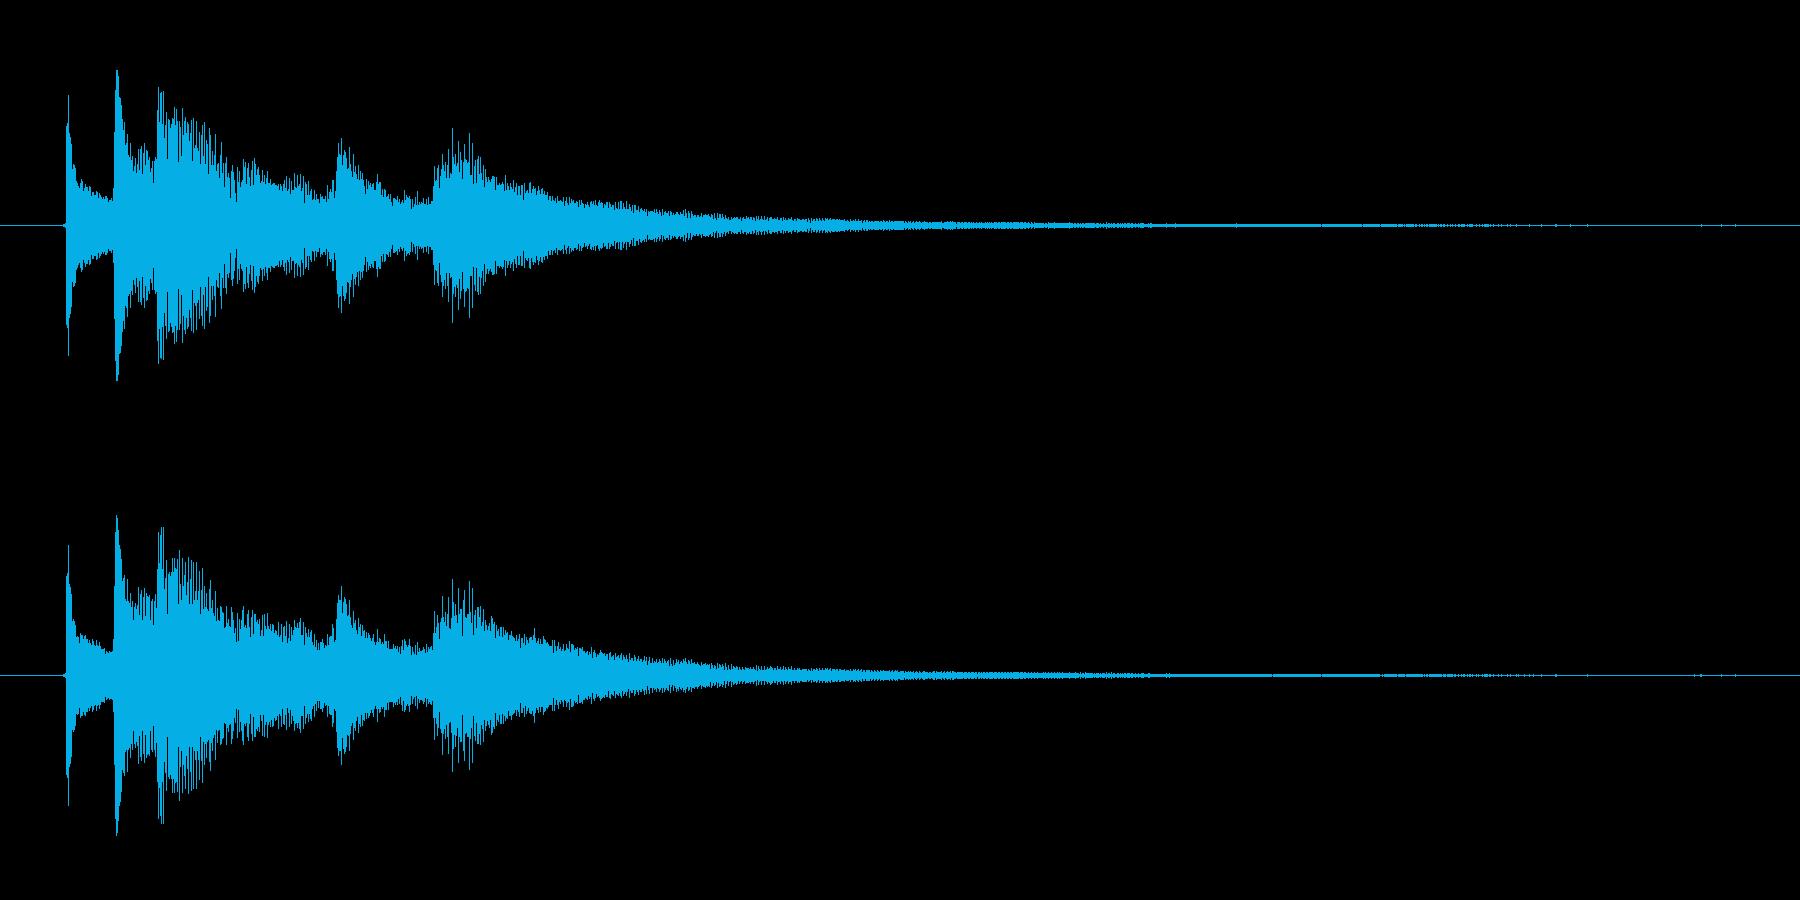 ジングル用 アコギ 水平線に沈みゆく太陽の再生済みの波形